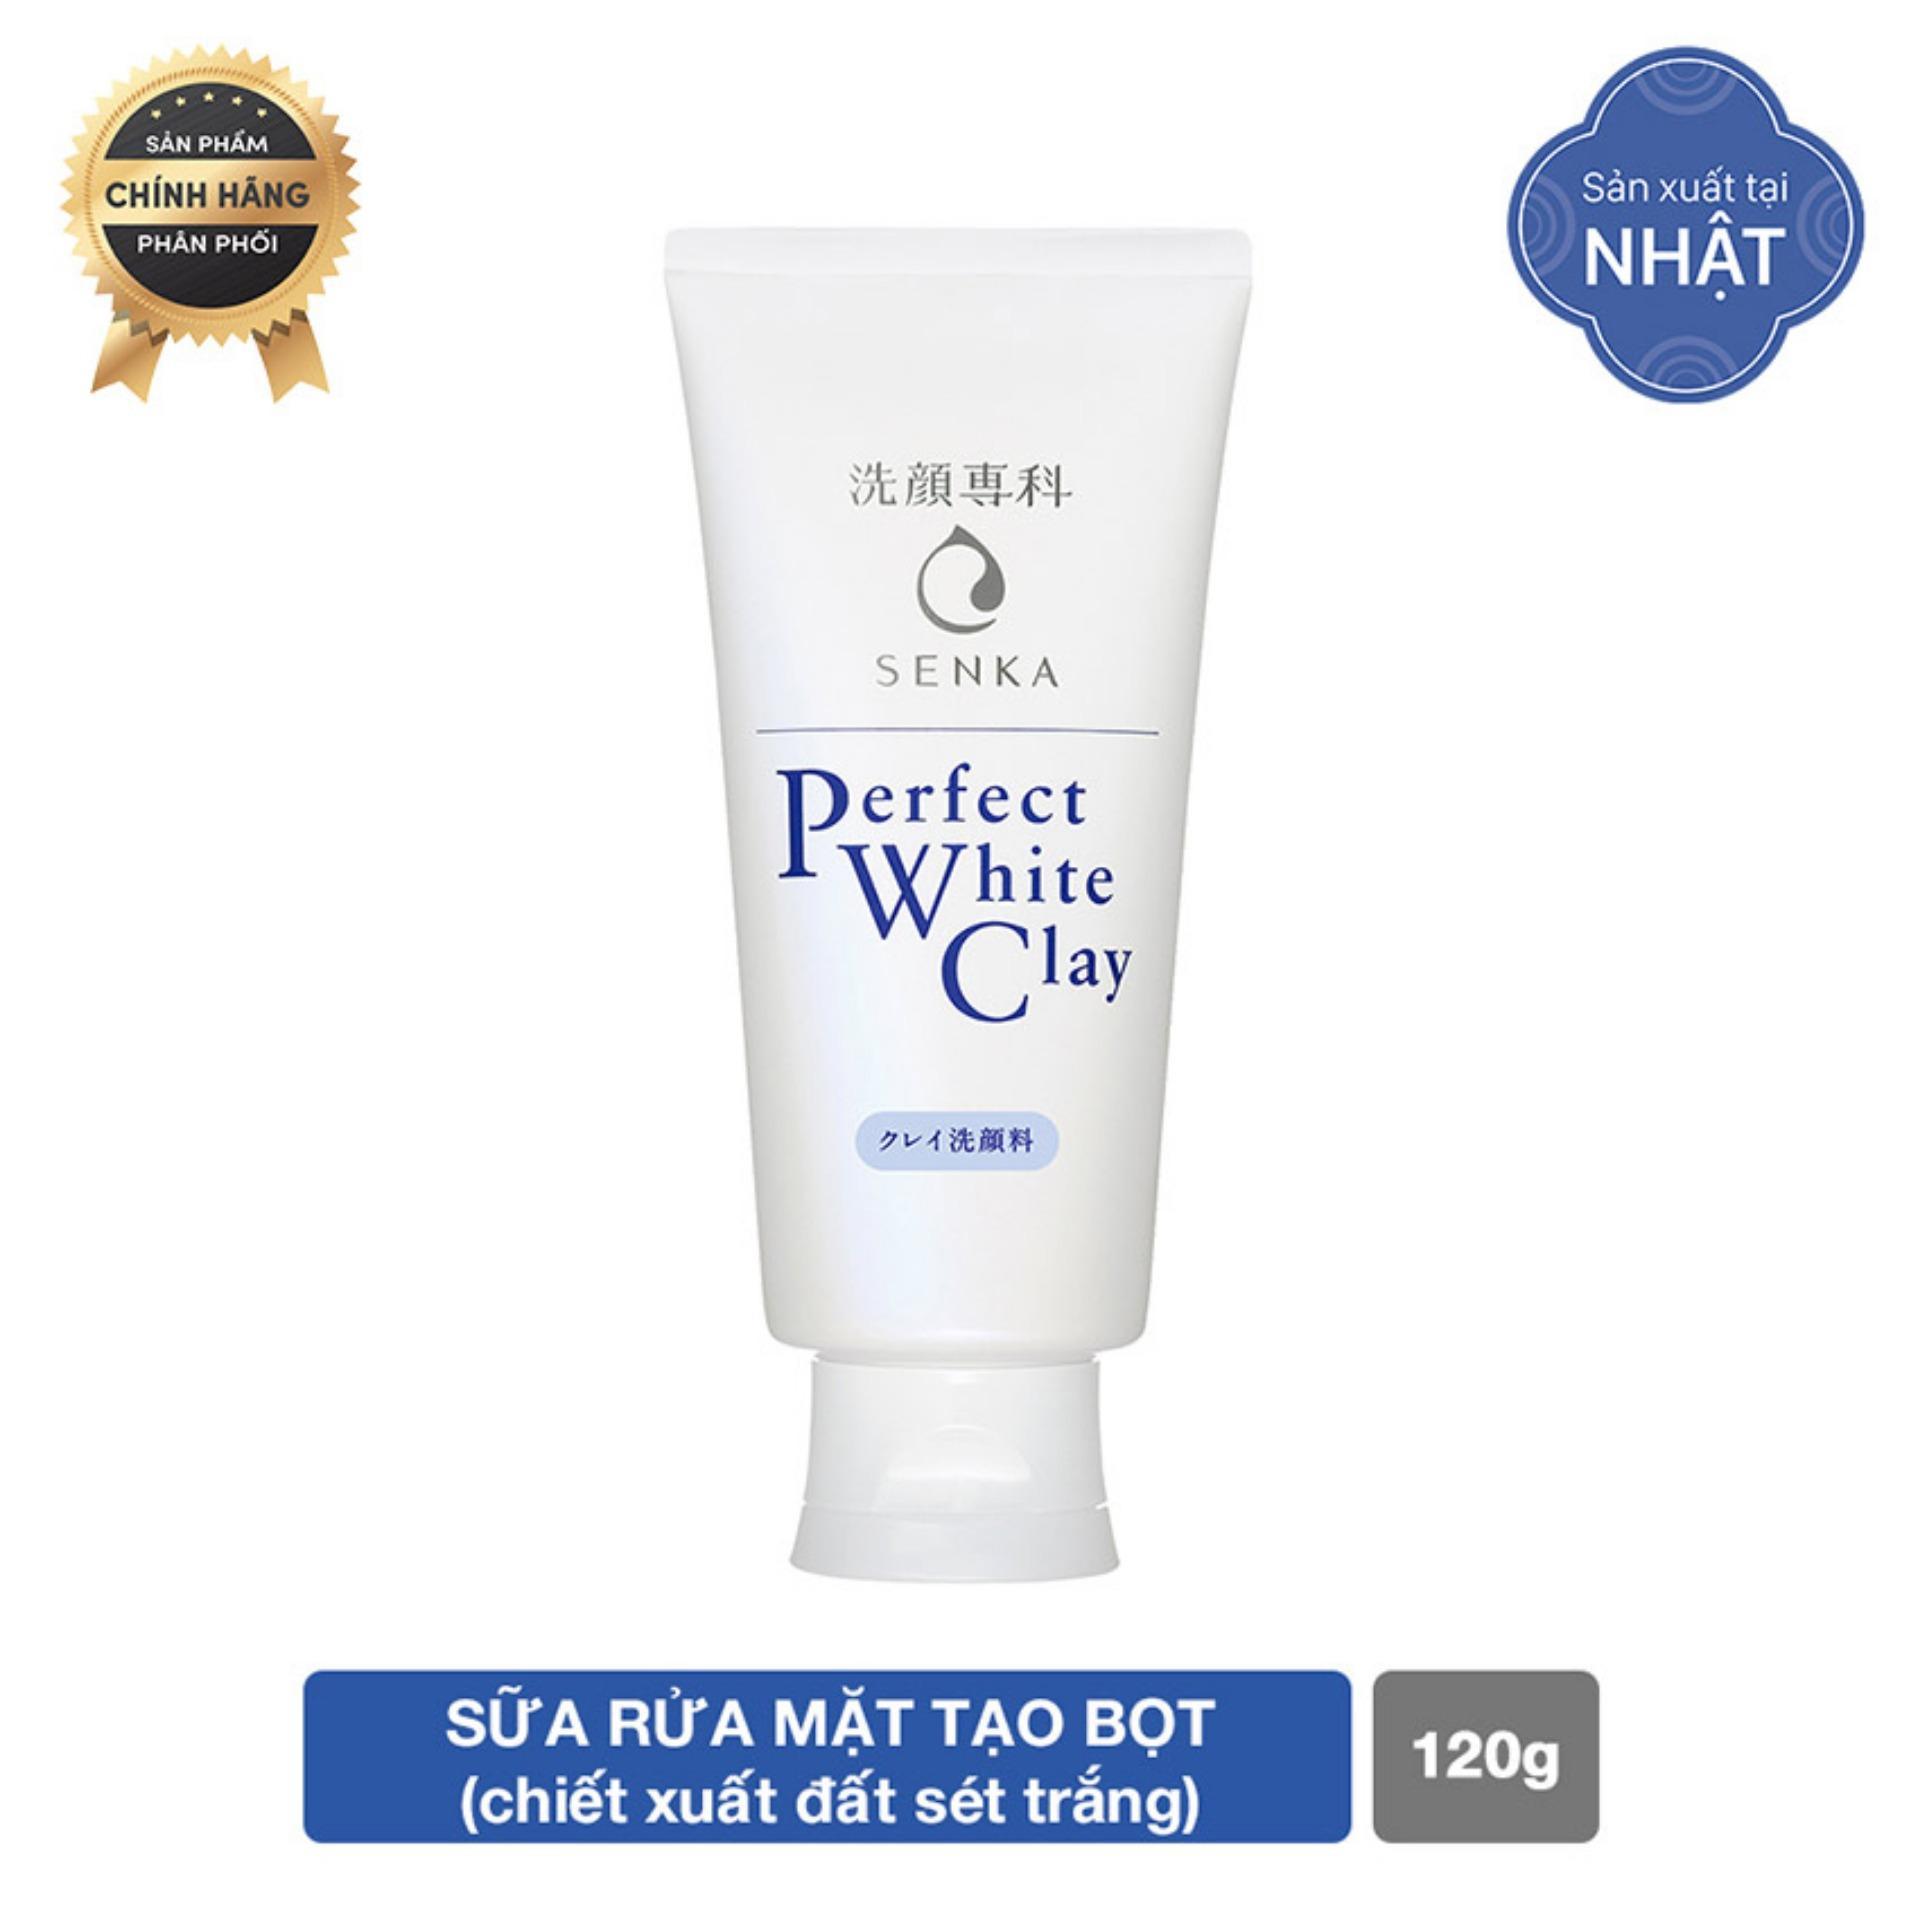 Hình ảnh Sữa rửa mặt chiết xuất đất sét trắng Senka Perfect White Clay 120g